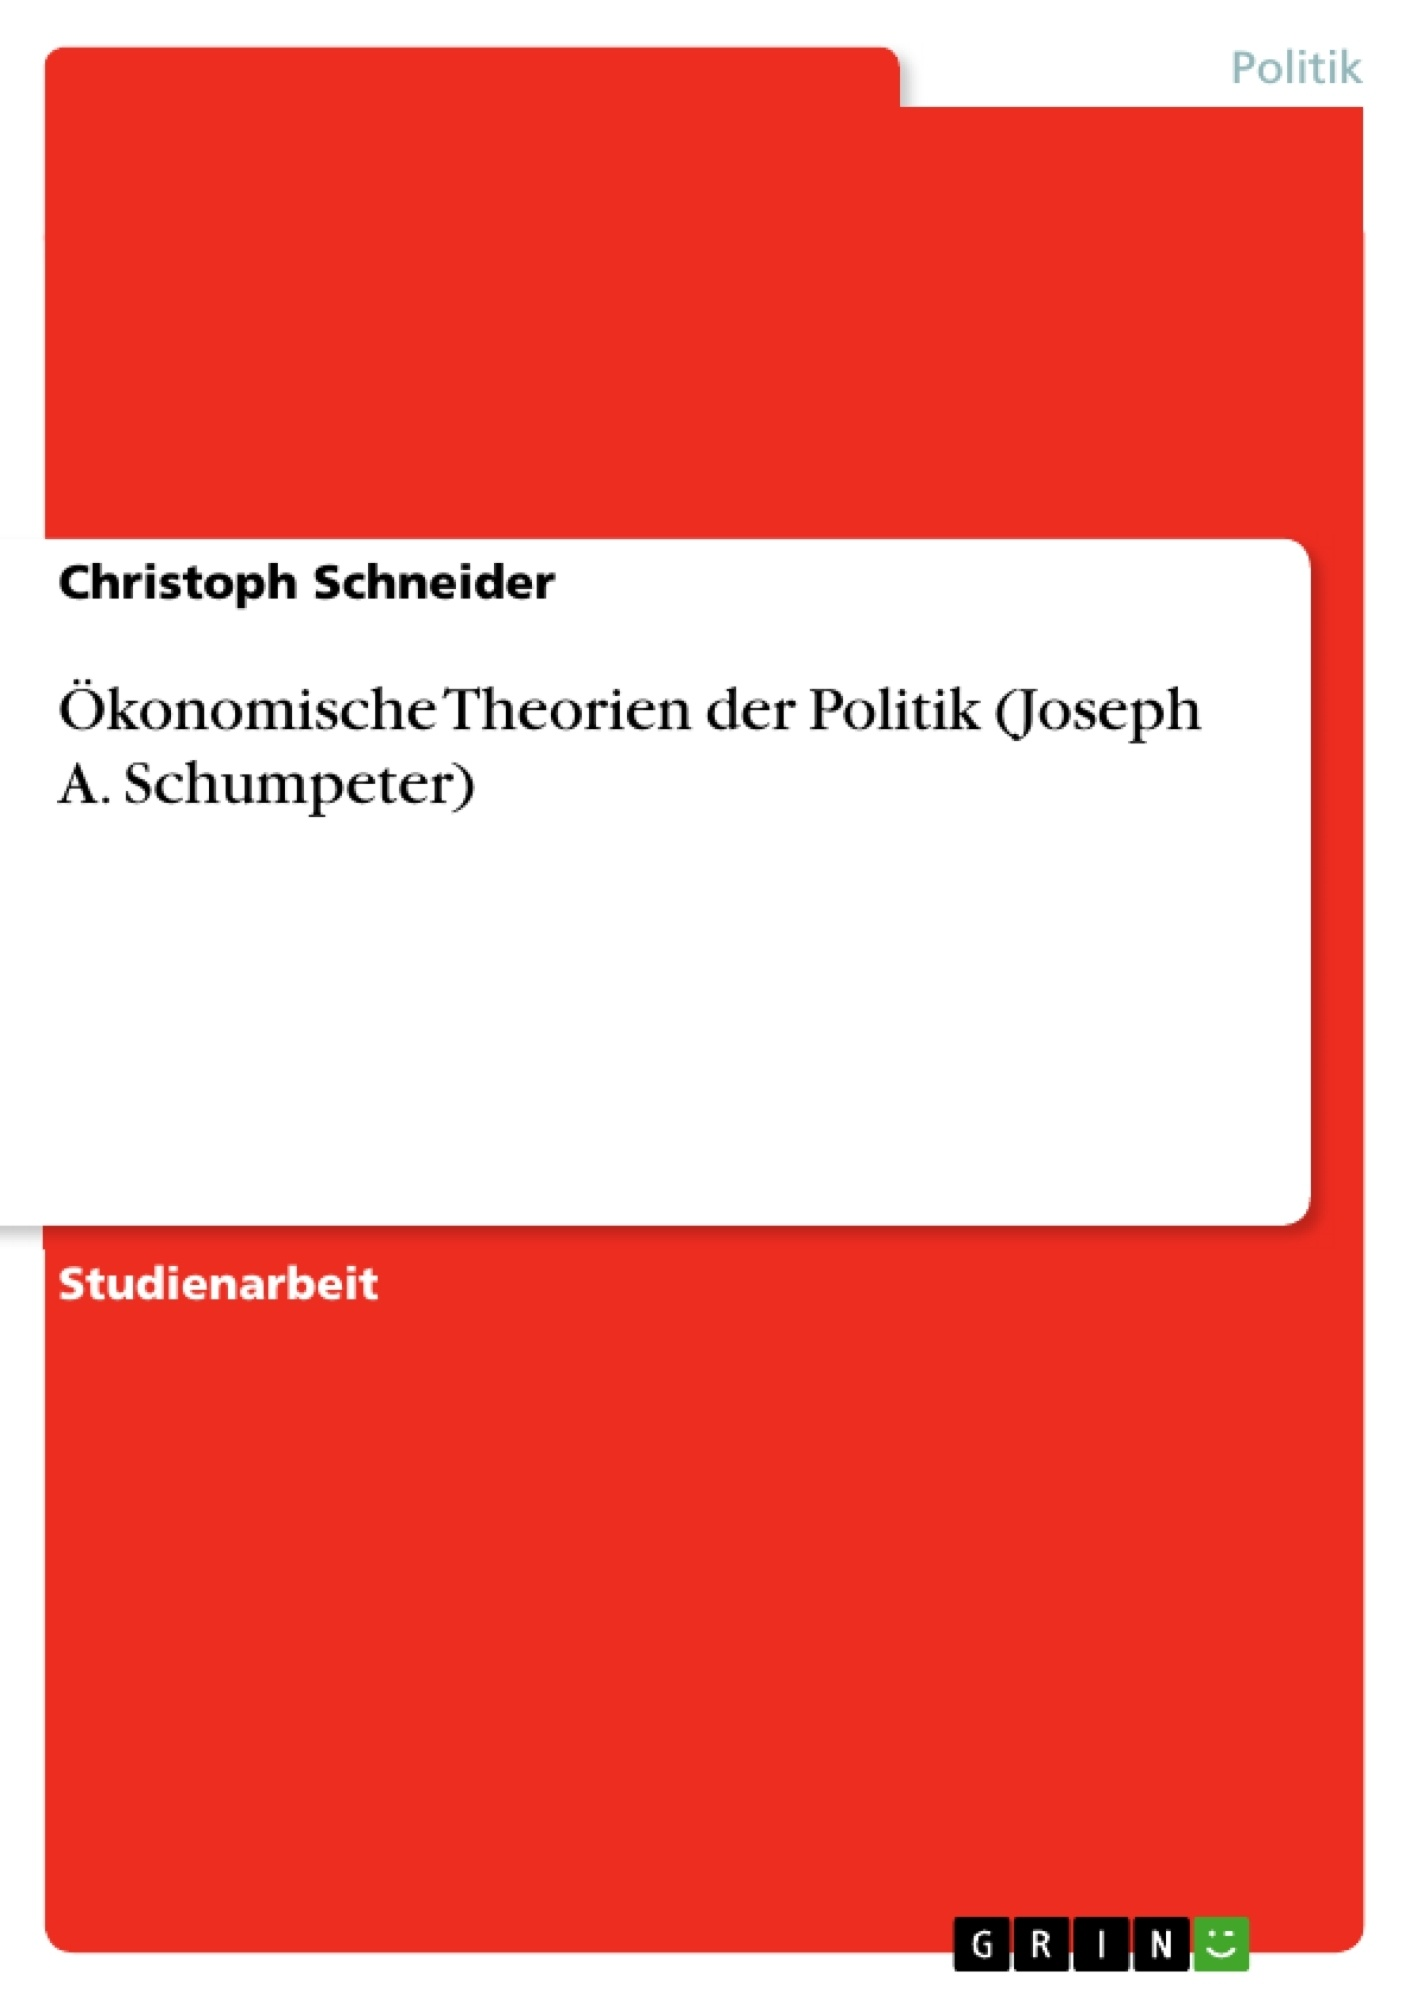 Titel: Ökonomische Theorien der Politik (Joseph A. Schumpeter)